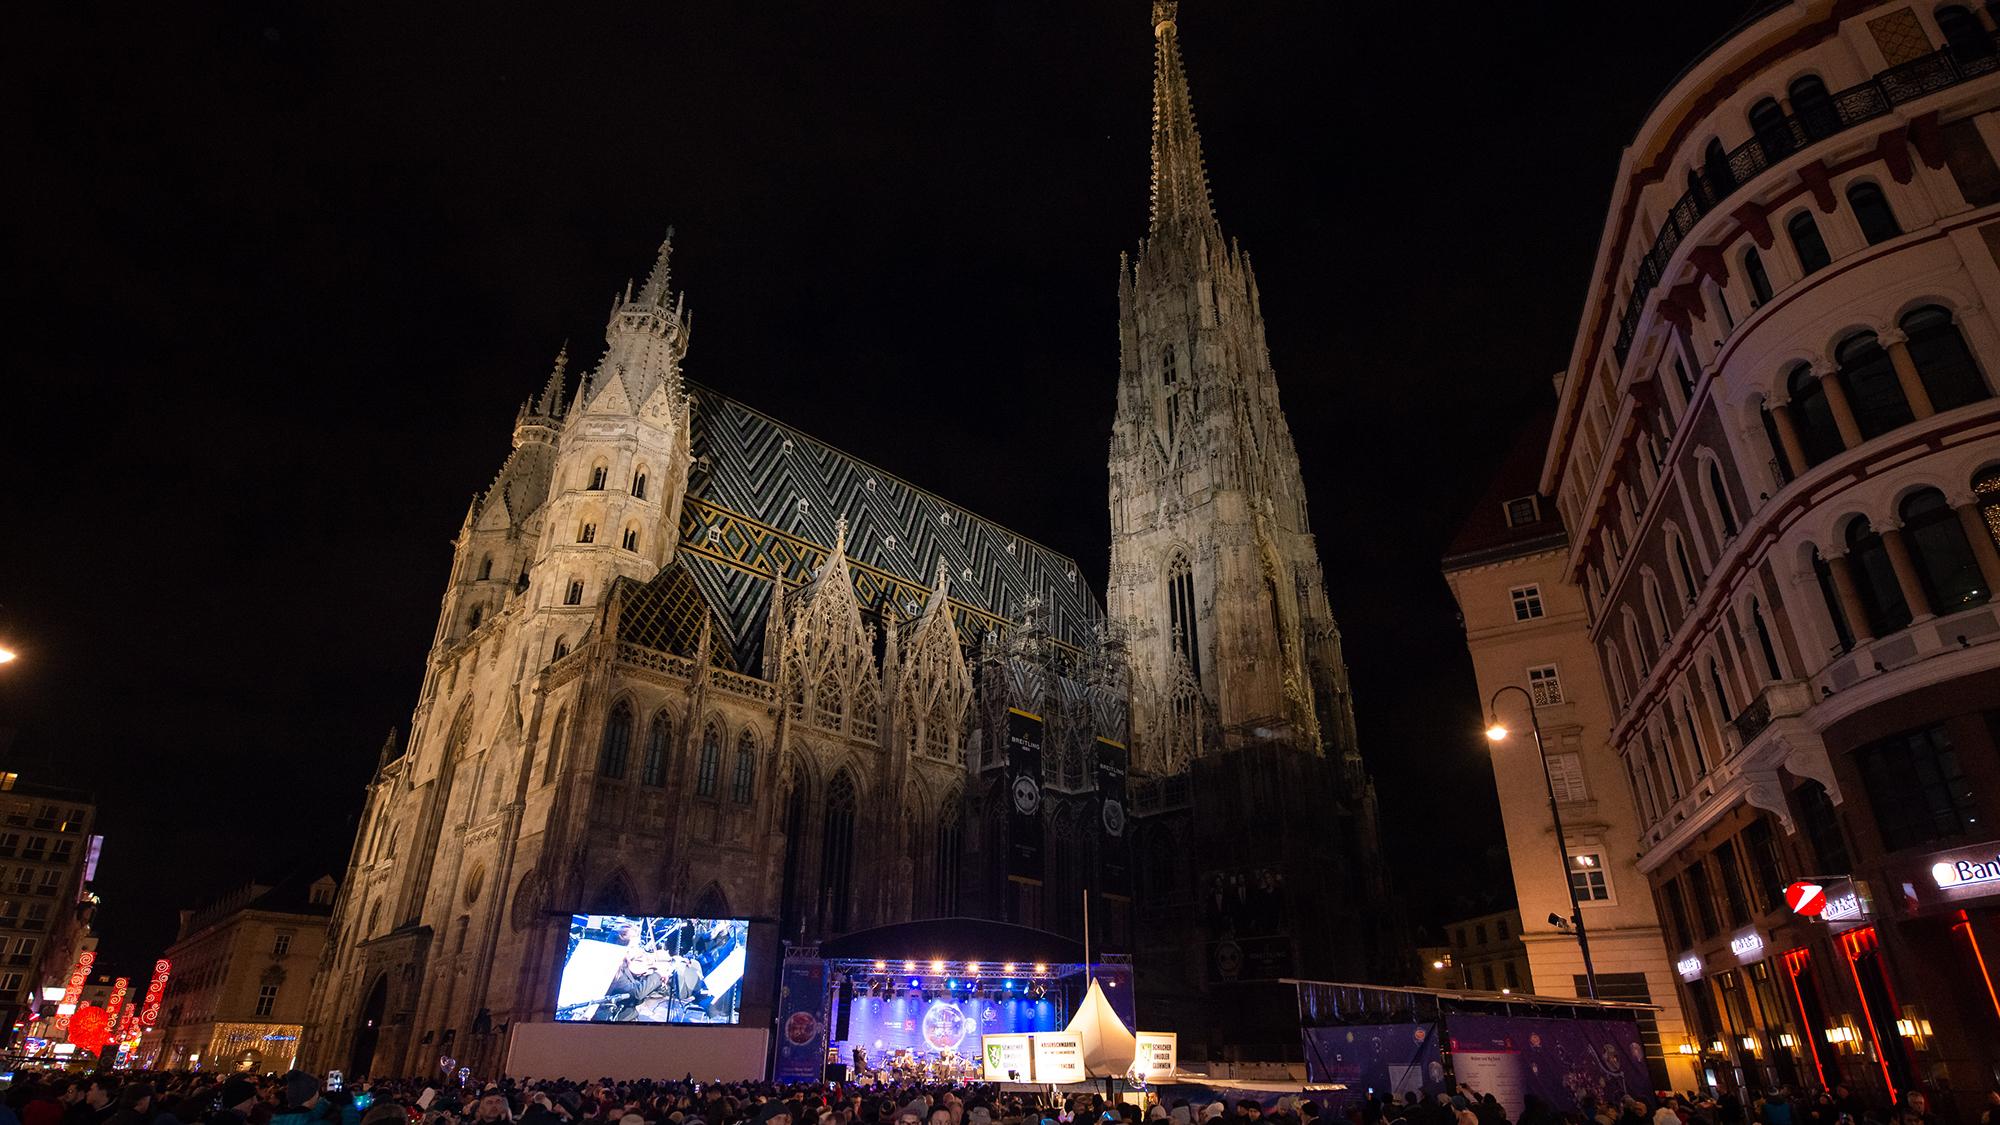 Der Stephansplatz mit Bühne bei Nacht